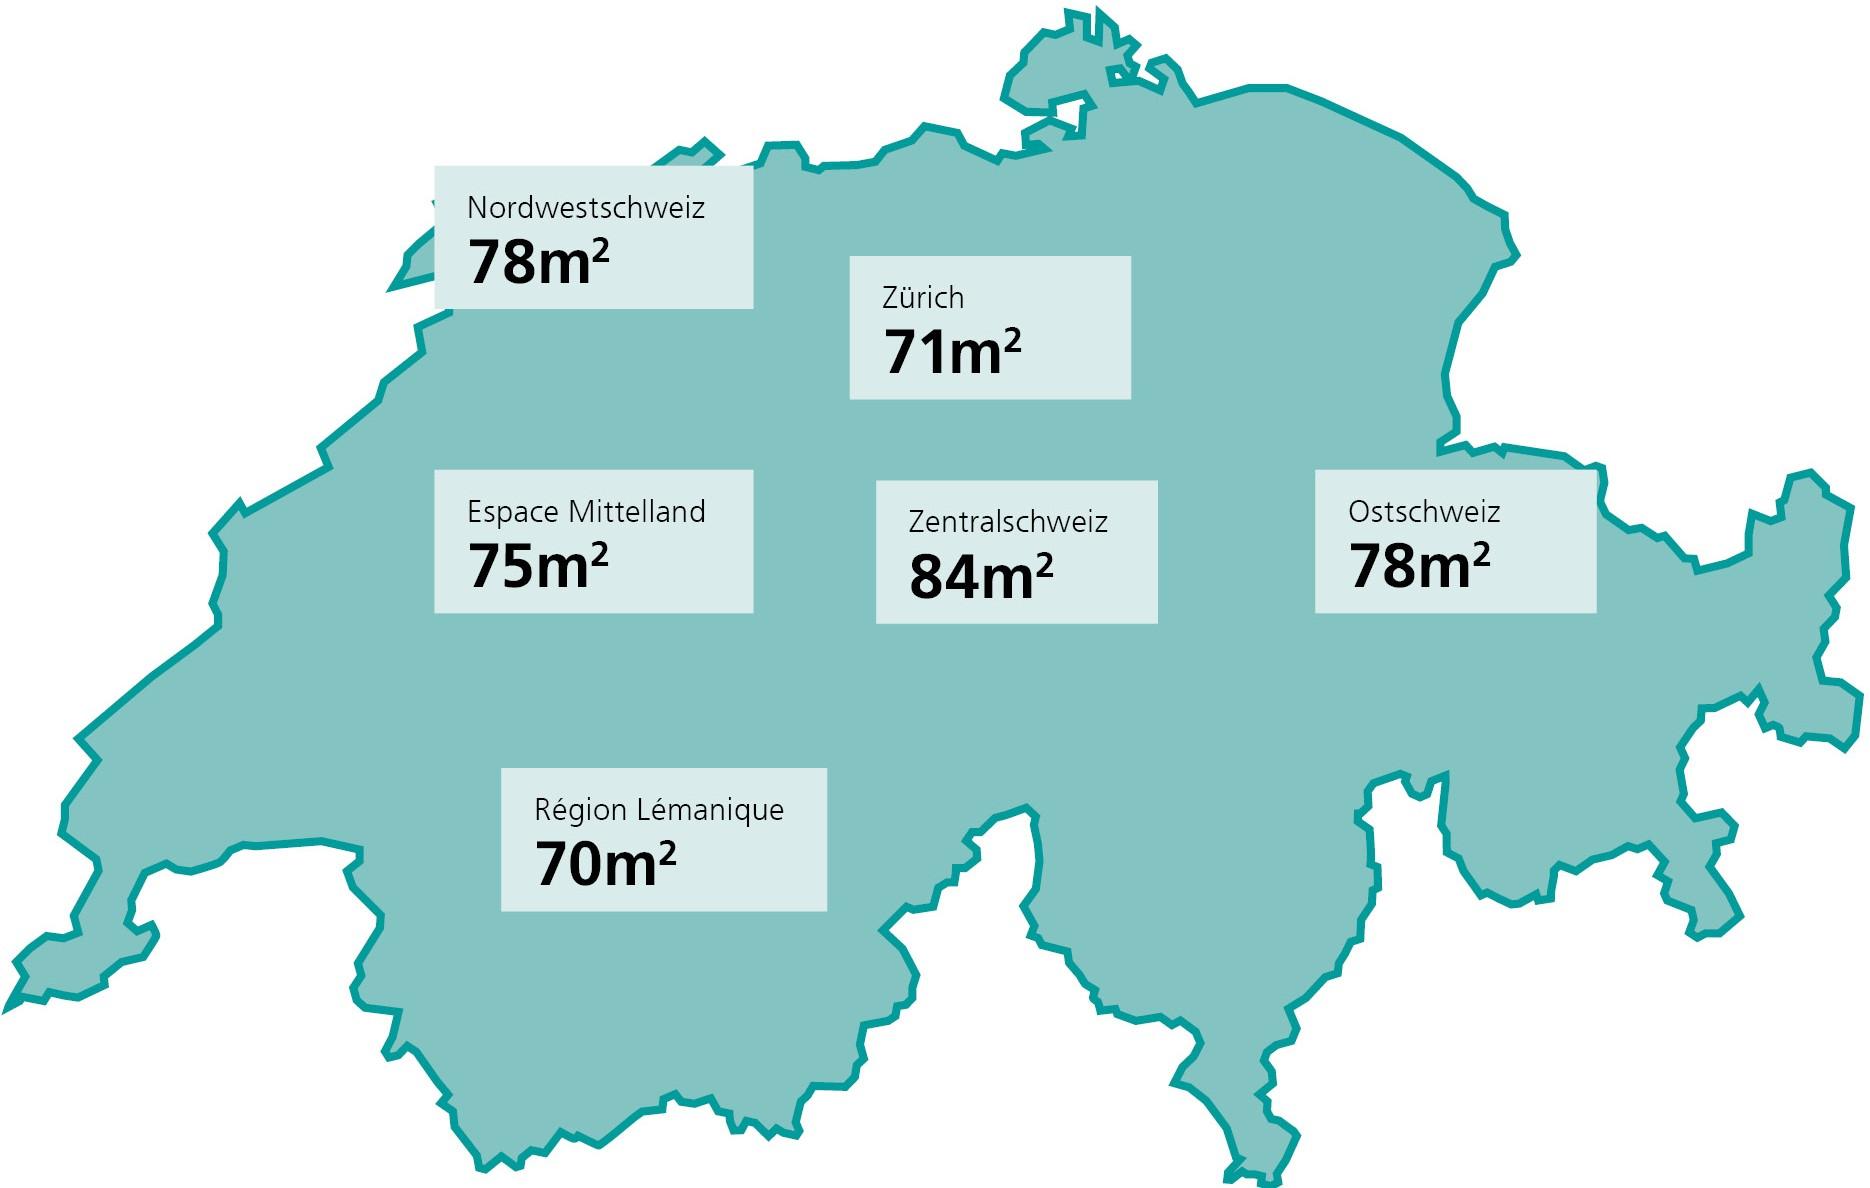 Wohnungsgrösse nach Grossregionen in der Schweiz.